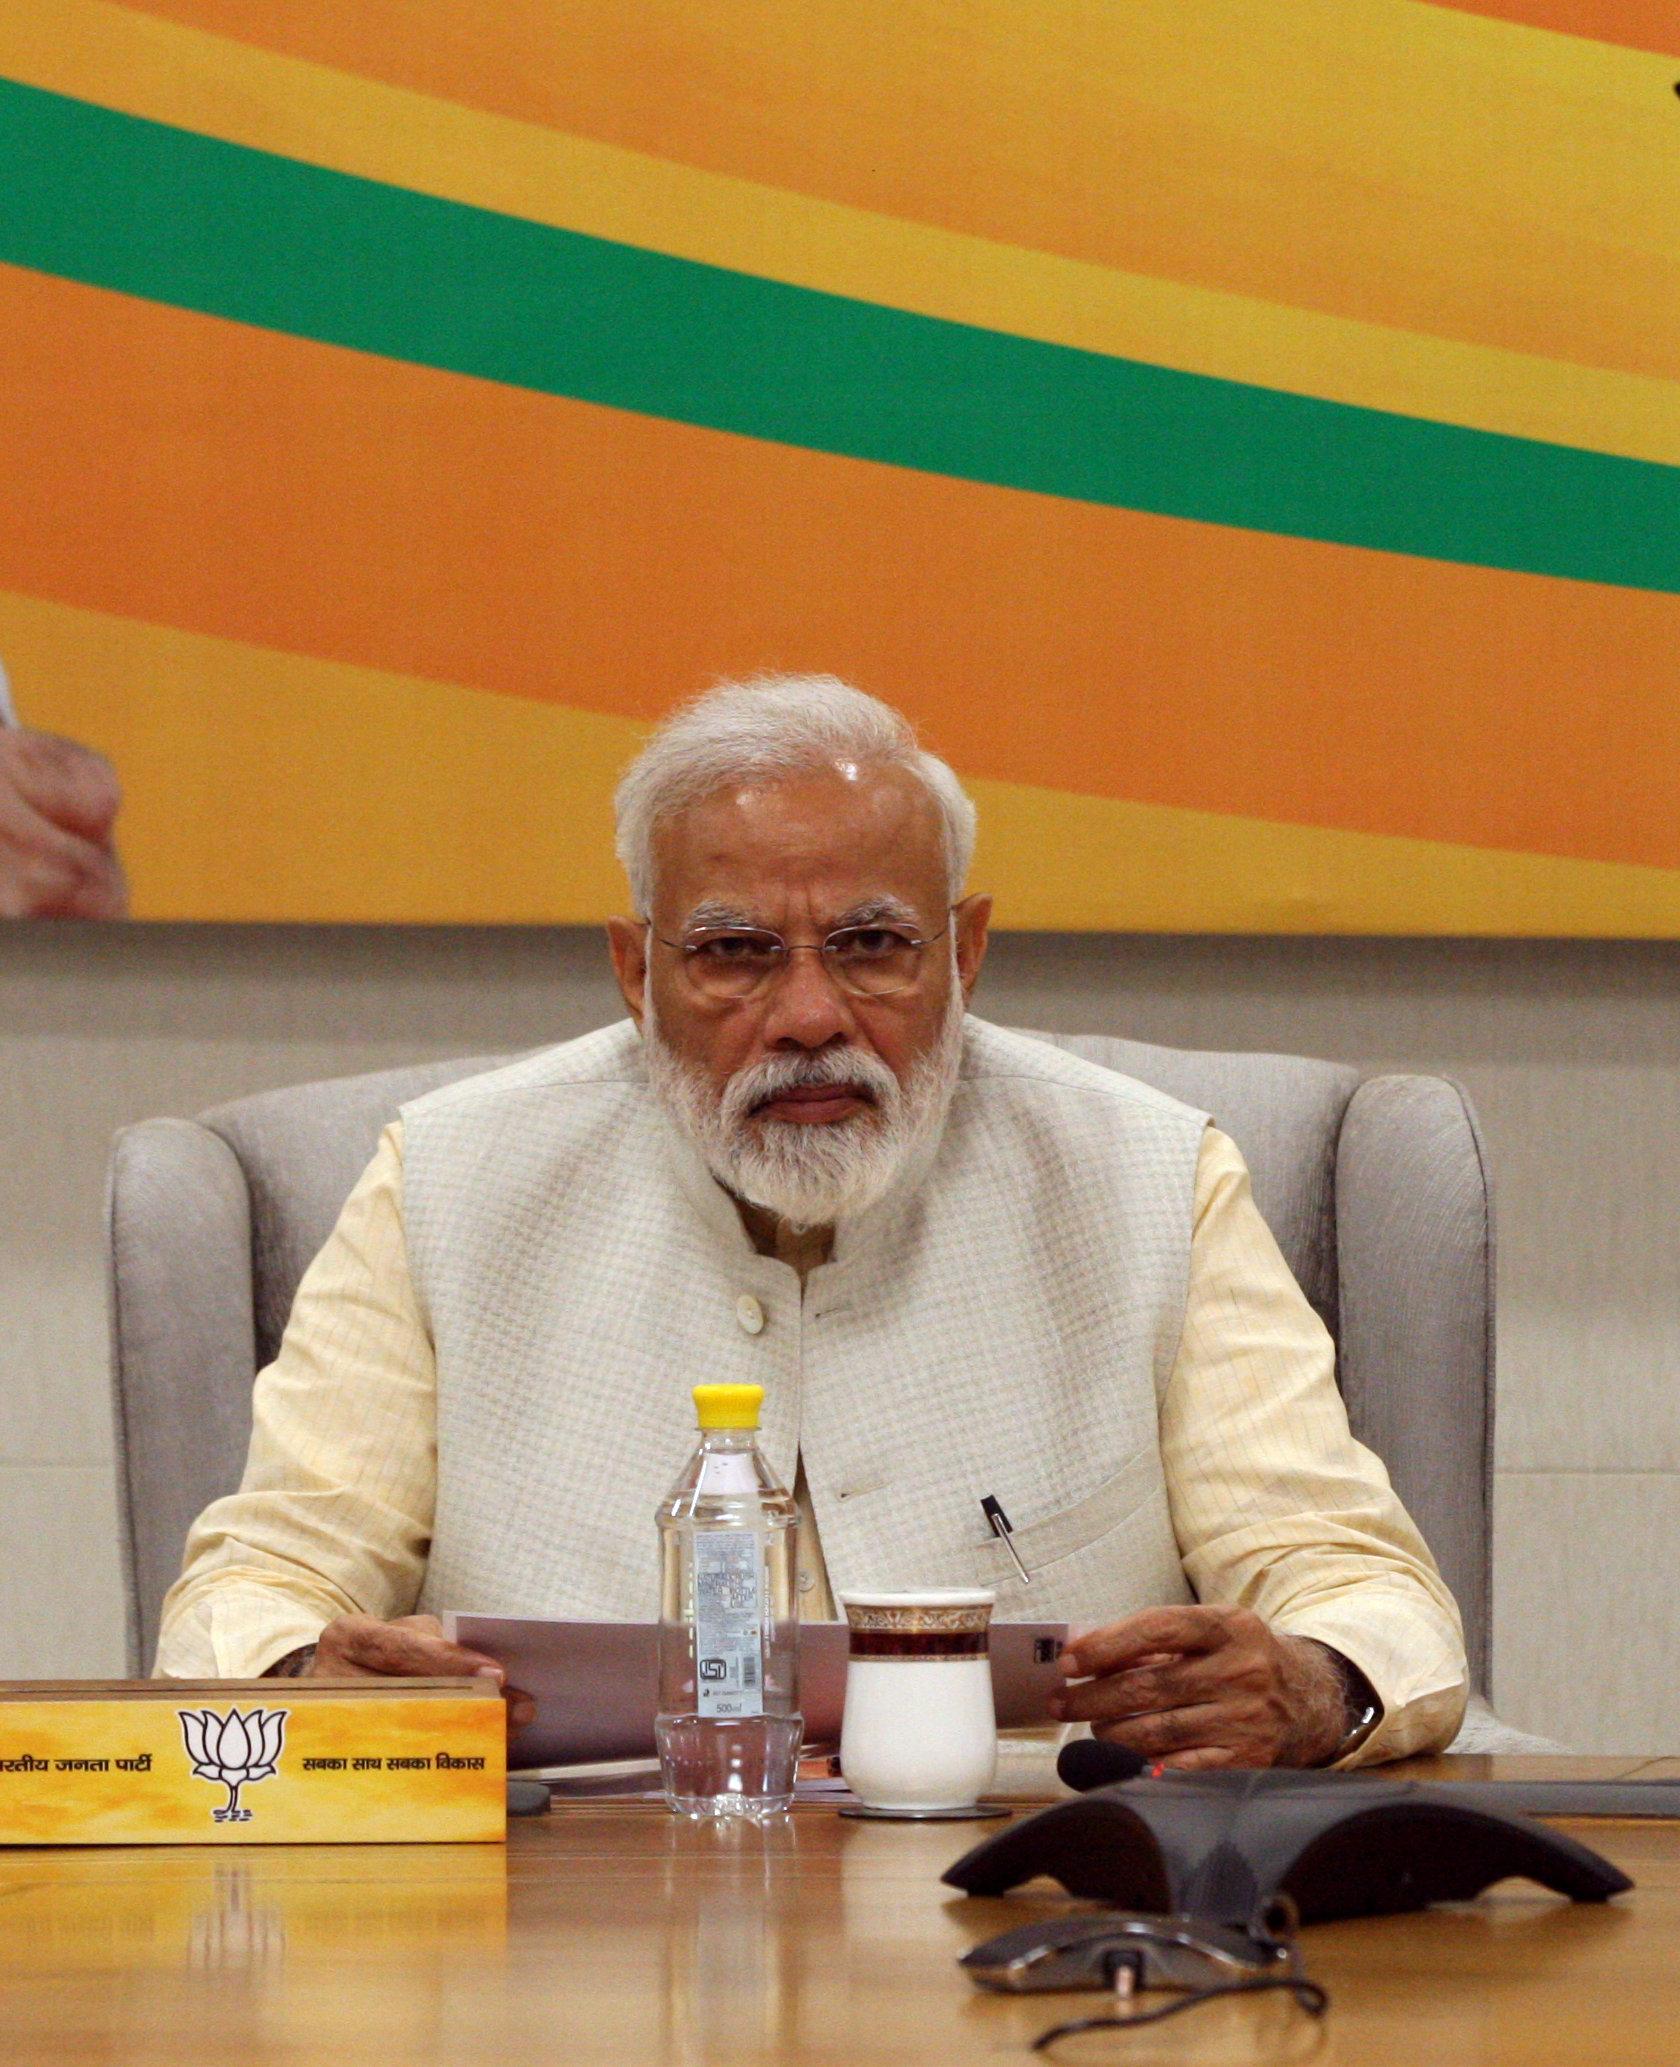 Modi Announces Success Of Mission Shakti, Declares India Space